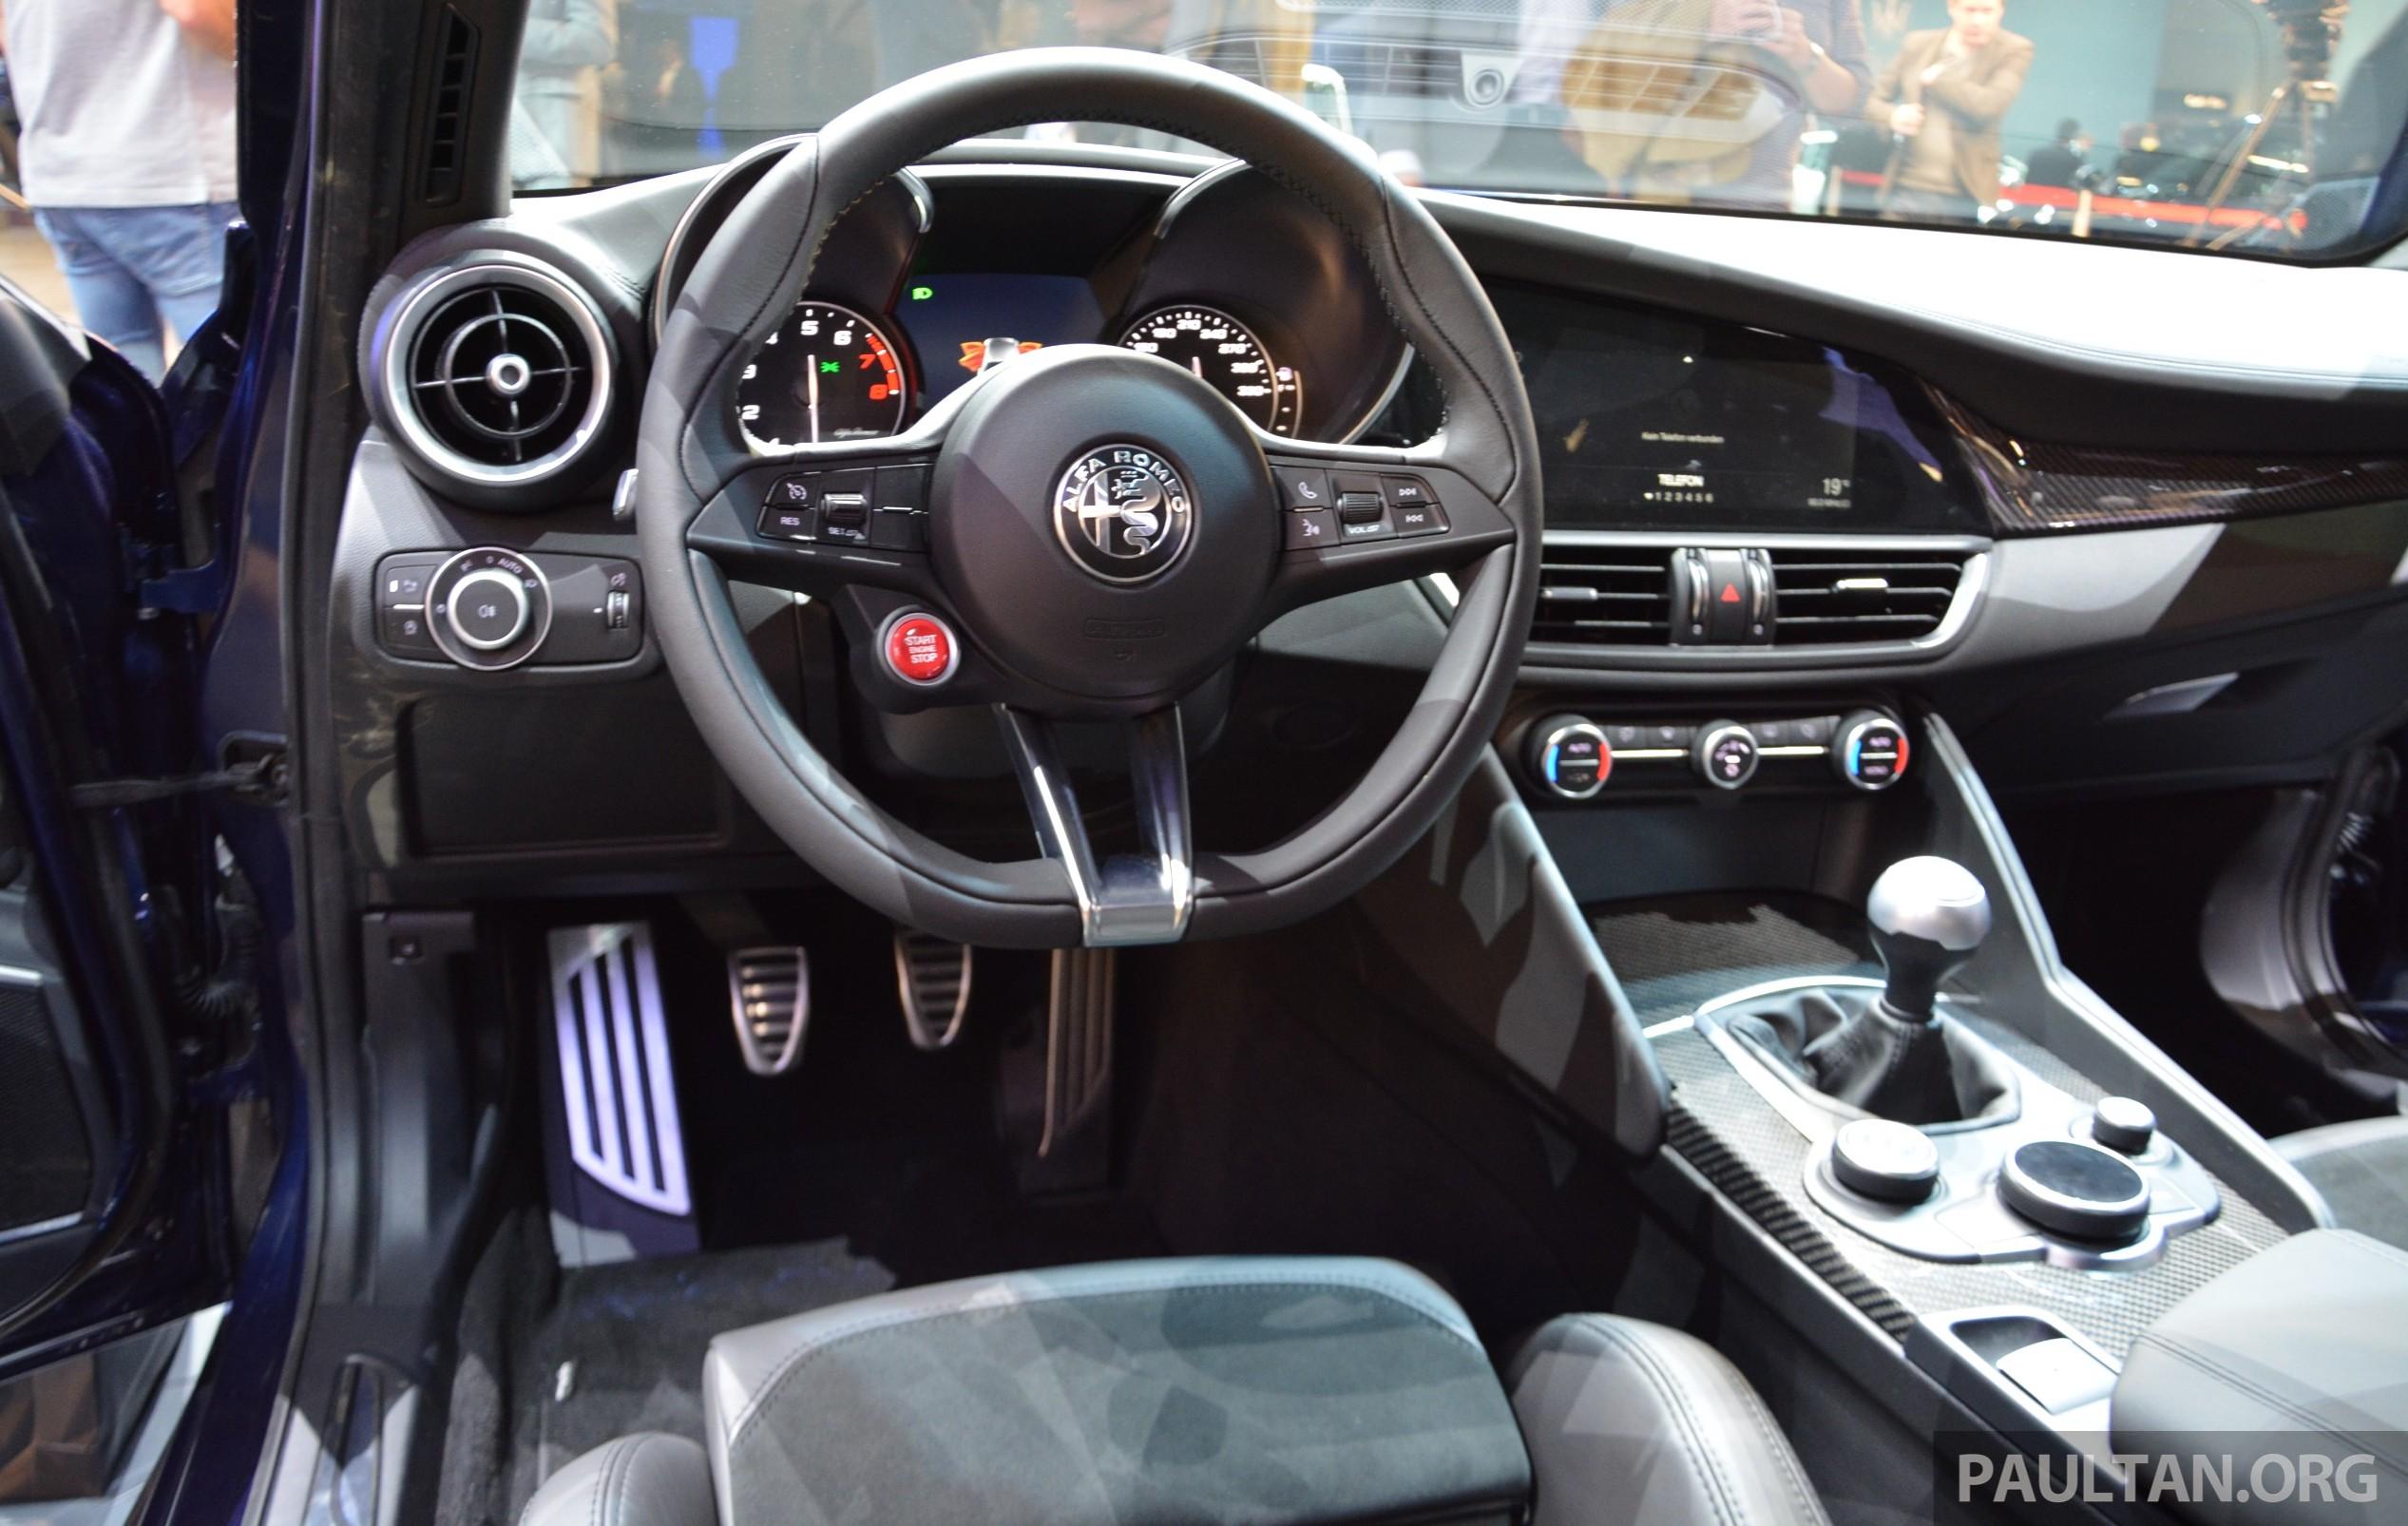 Frankfurt 2015 Alfa Romeo Giulia Quadrifoglio Makes First Public Appearance Full Look Of The